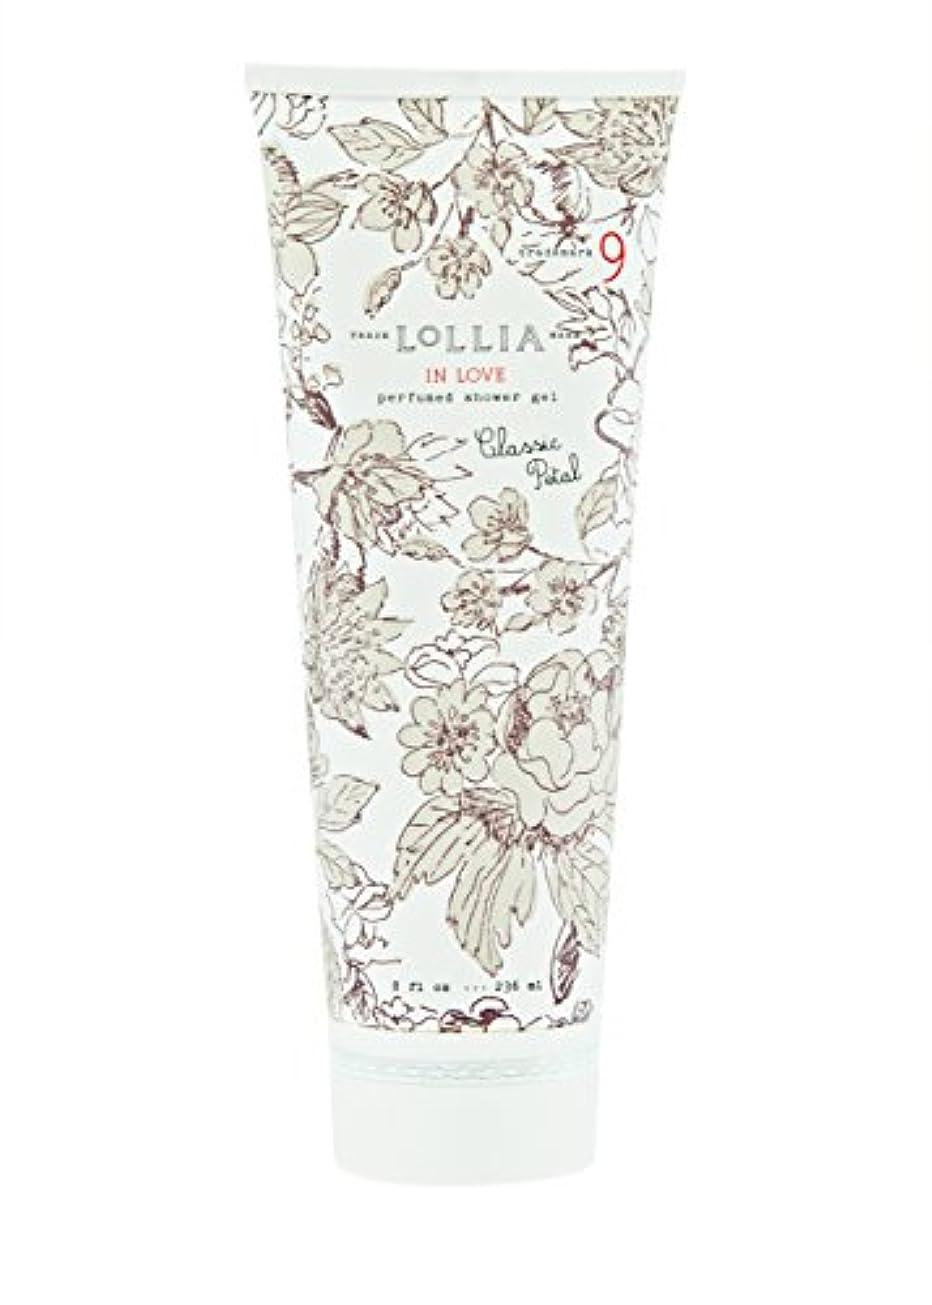 繊細肌うがい薬ロリア(LoLLIA) パフュームドシャワージェル InLove 236ml(全身用洗浄料 ボディーソープ アップルブロッサム、ジャスミン、ローズのフルーティで爽やかな香り)